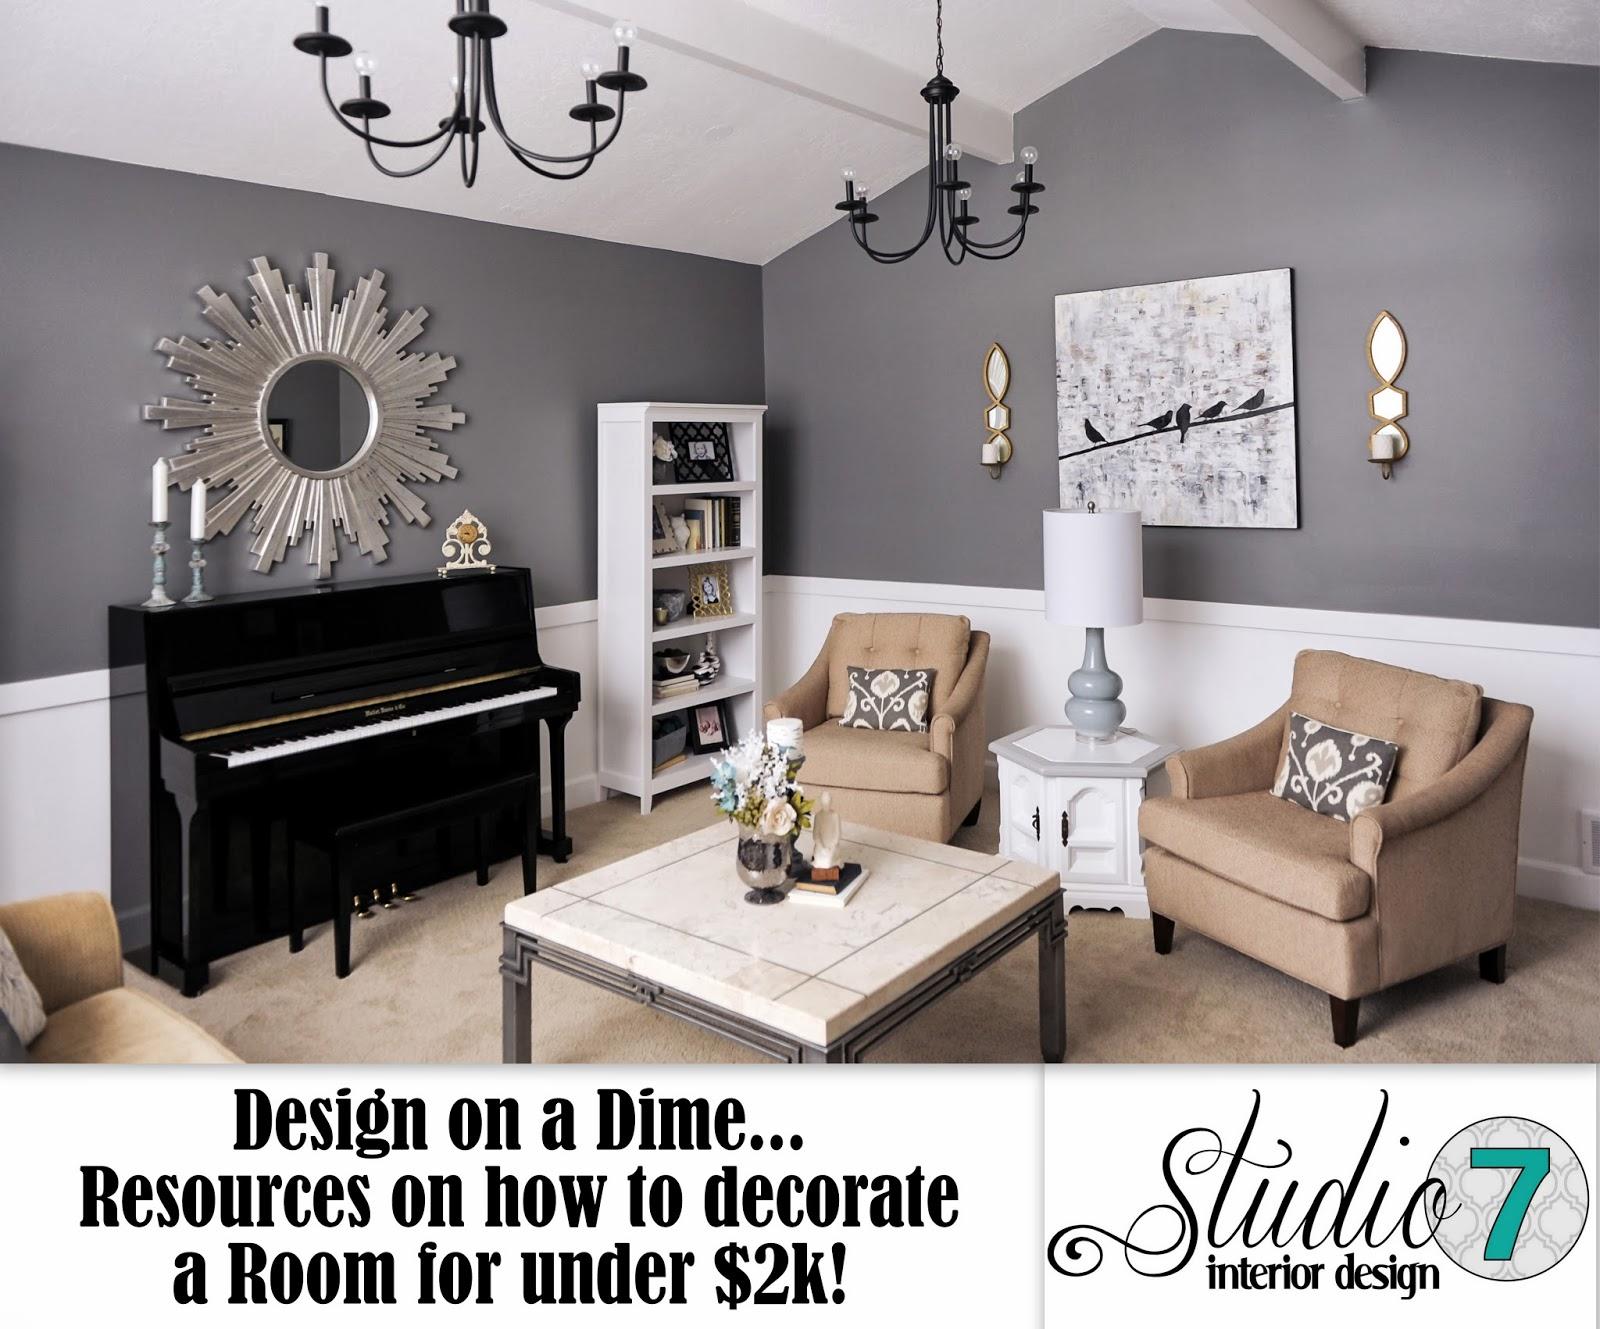 Studio 7 Interior Design: Client Reveal:Transitional Chic